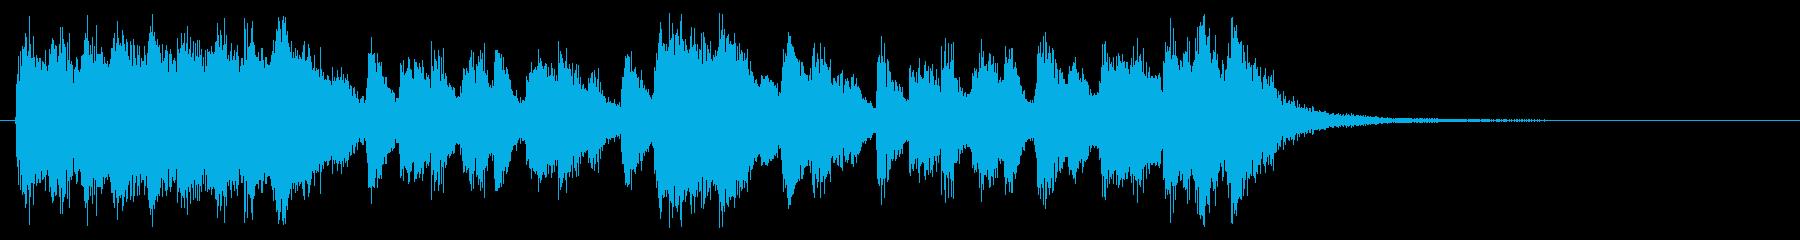 壮大&コミカルなハロウィンオーケストラの再生済みの波形